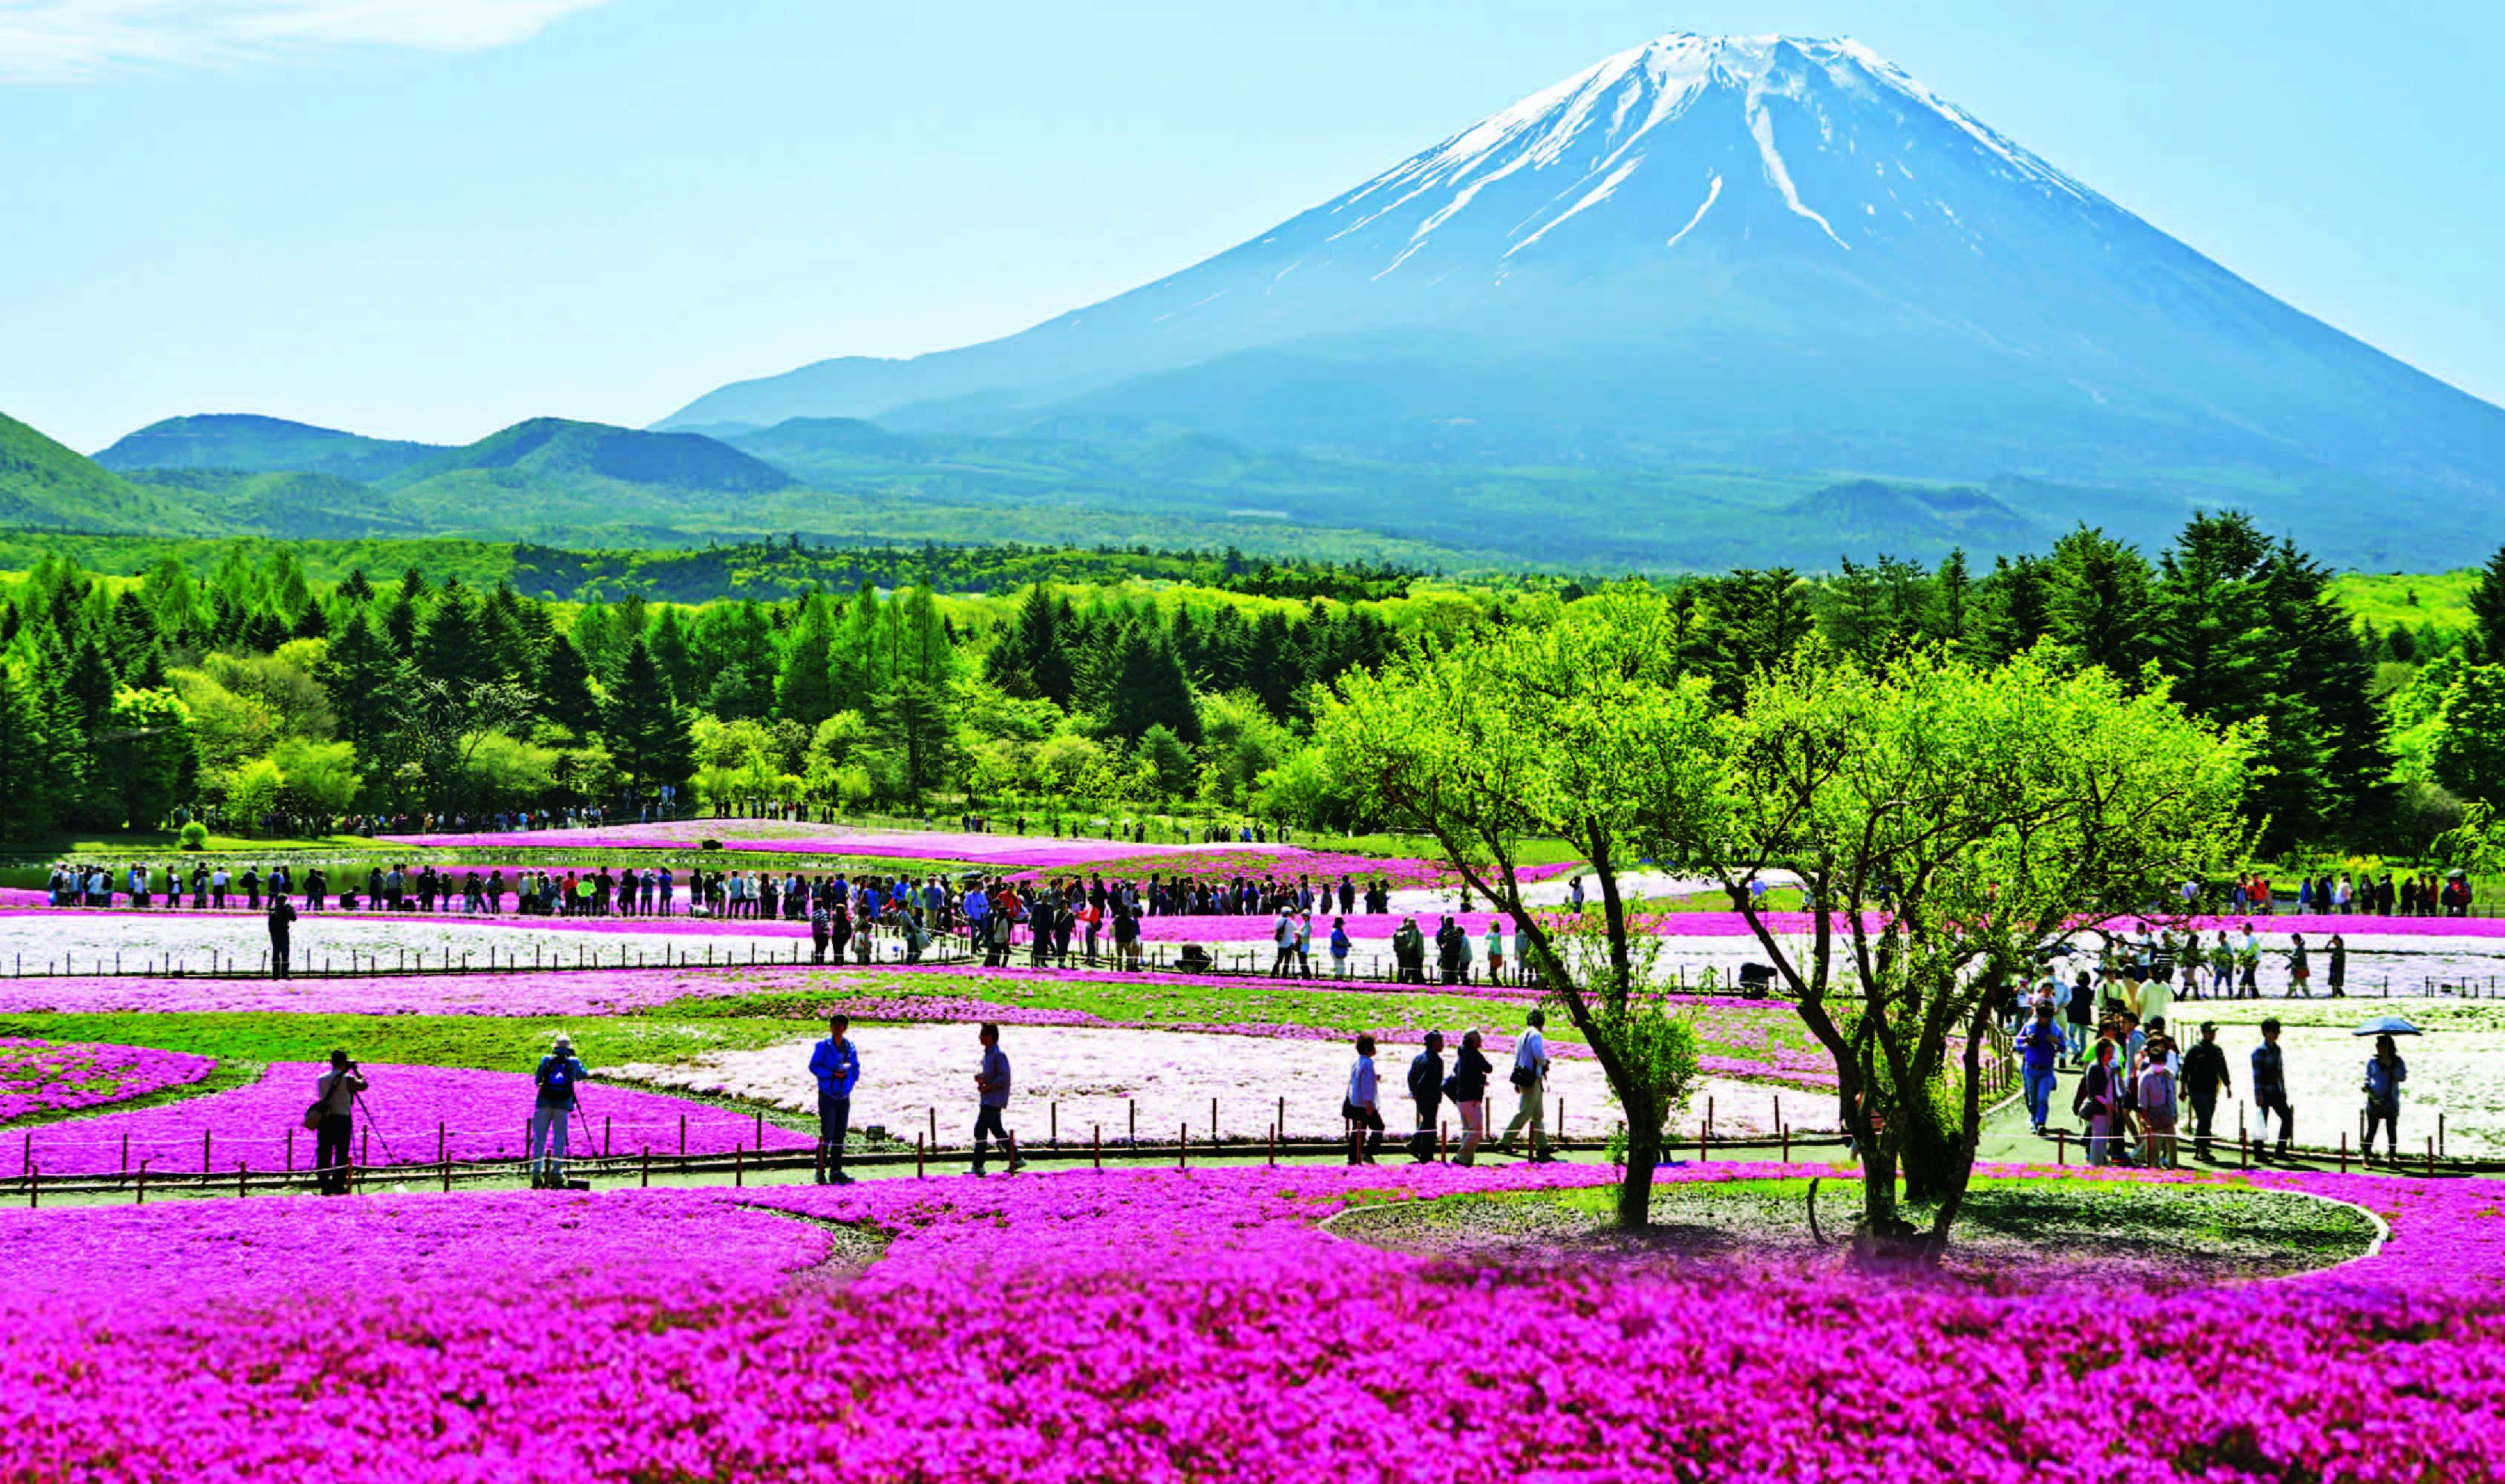 ทัวร์ญี่ปุ่น WoW! Pink Moss โตเกียว ฟูจิ พิงค์มอส 4วัน 3คืน บิน XJ